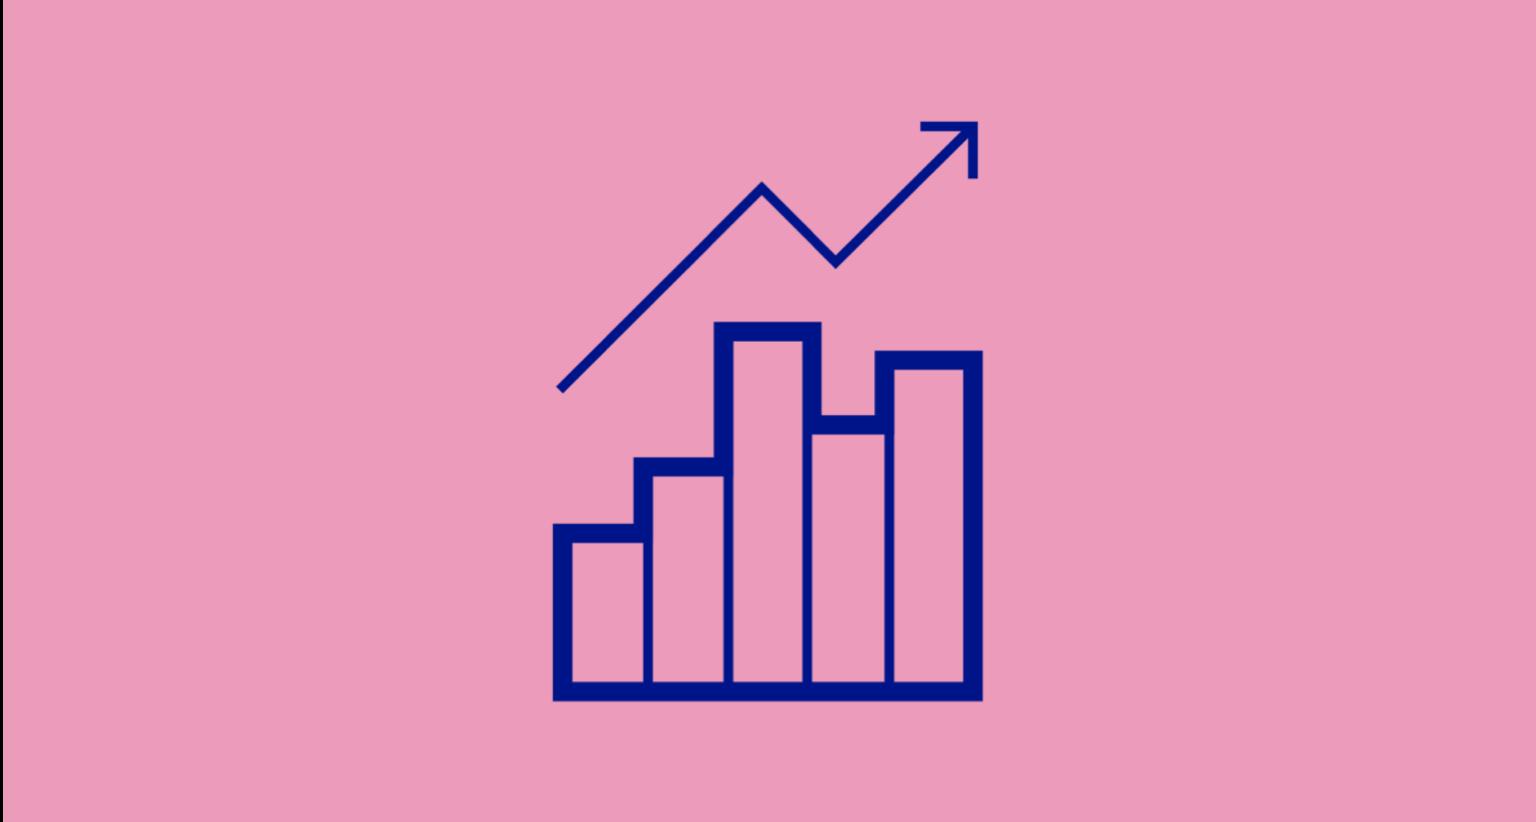 Illustration av en grafisk kurva som pekar uppåt